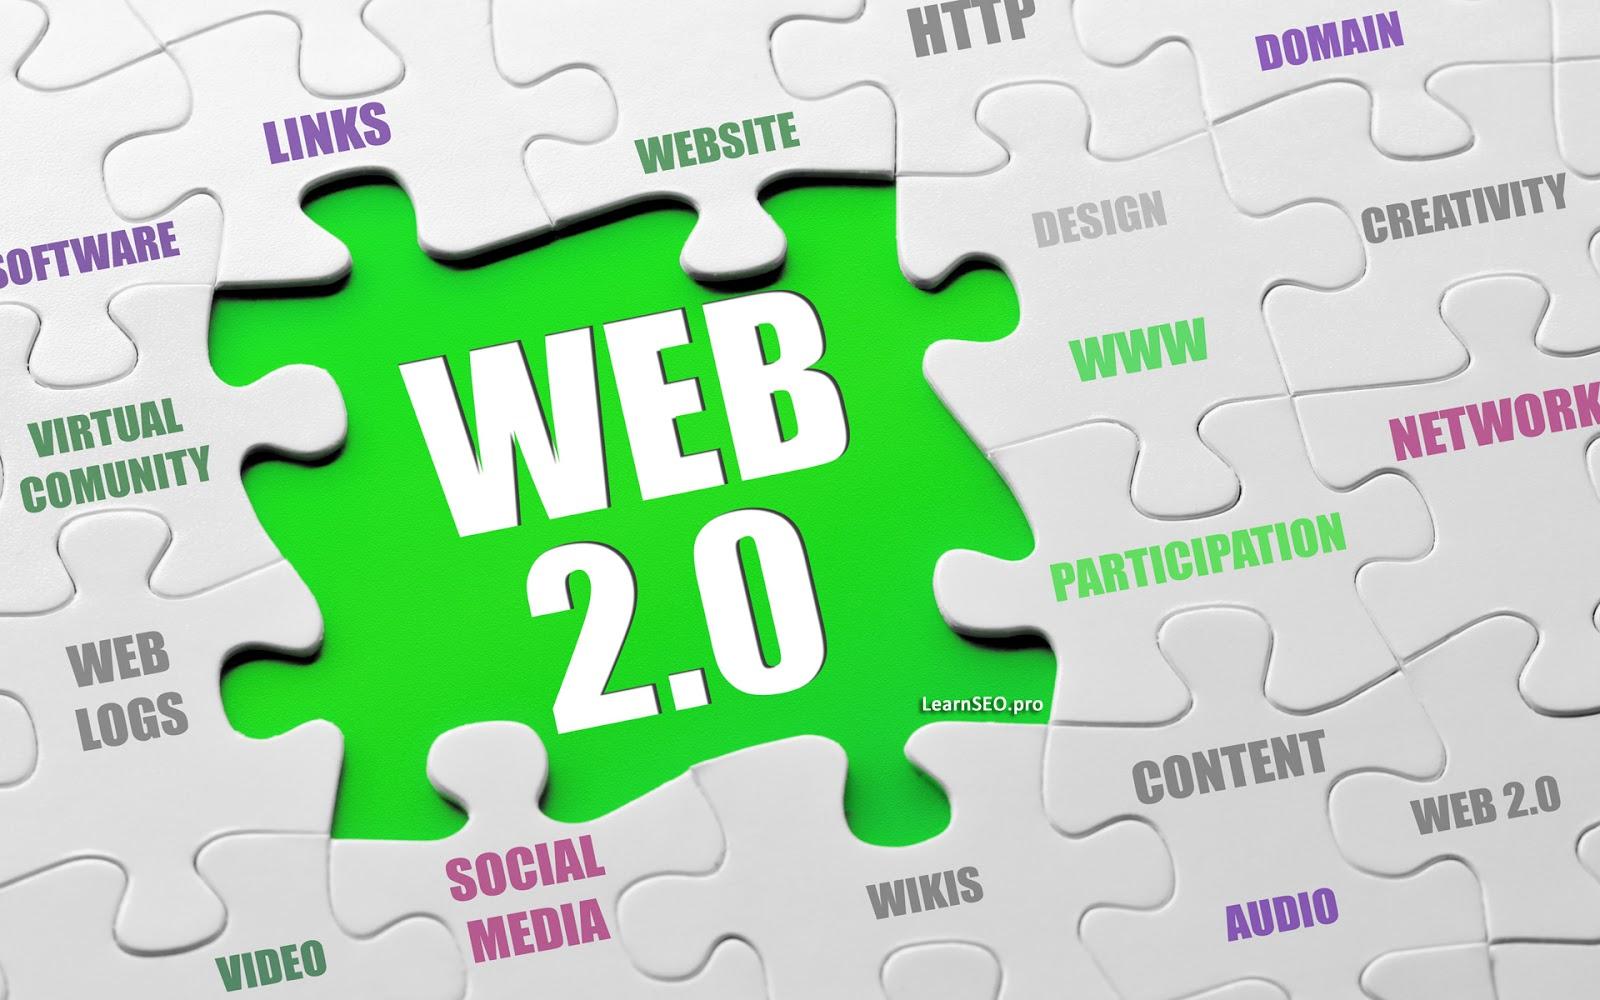 Manual web 2.0 promotion 40 back link skyrocket for your website 2020update